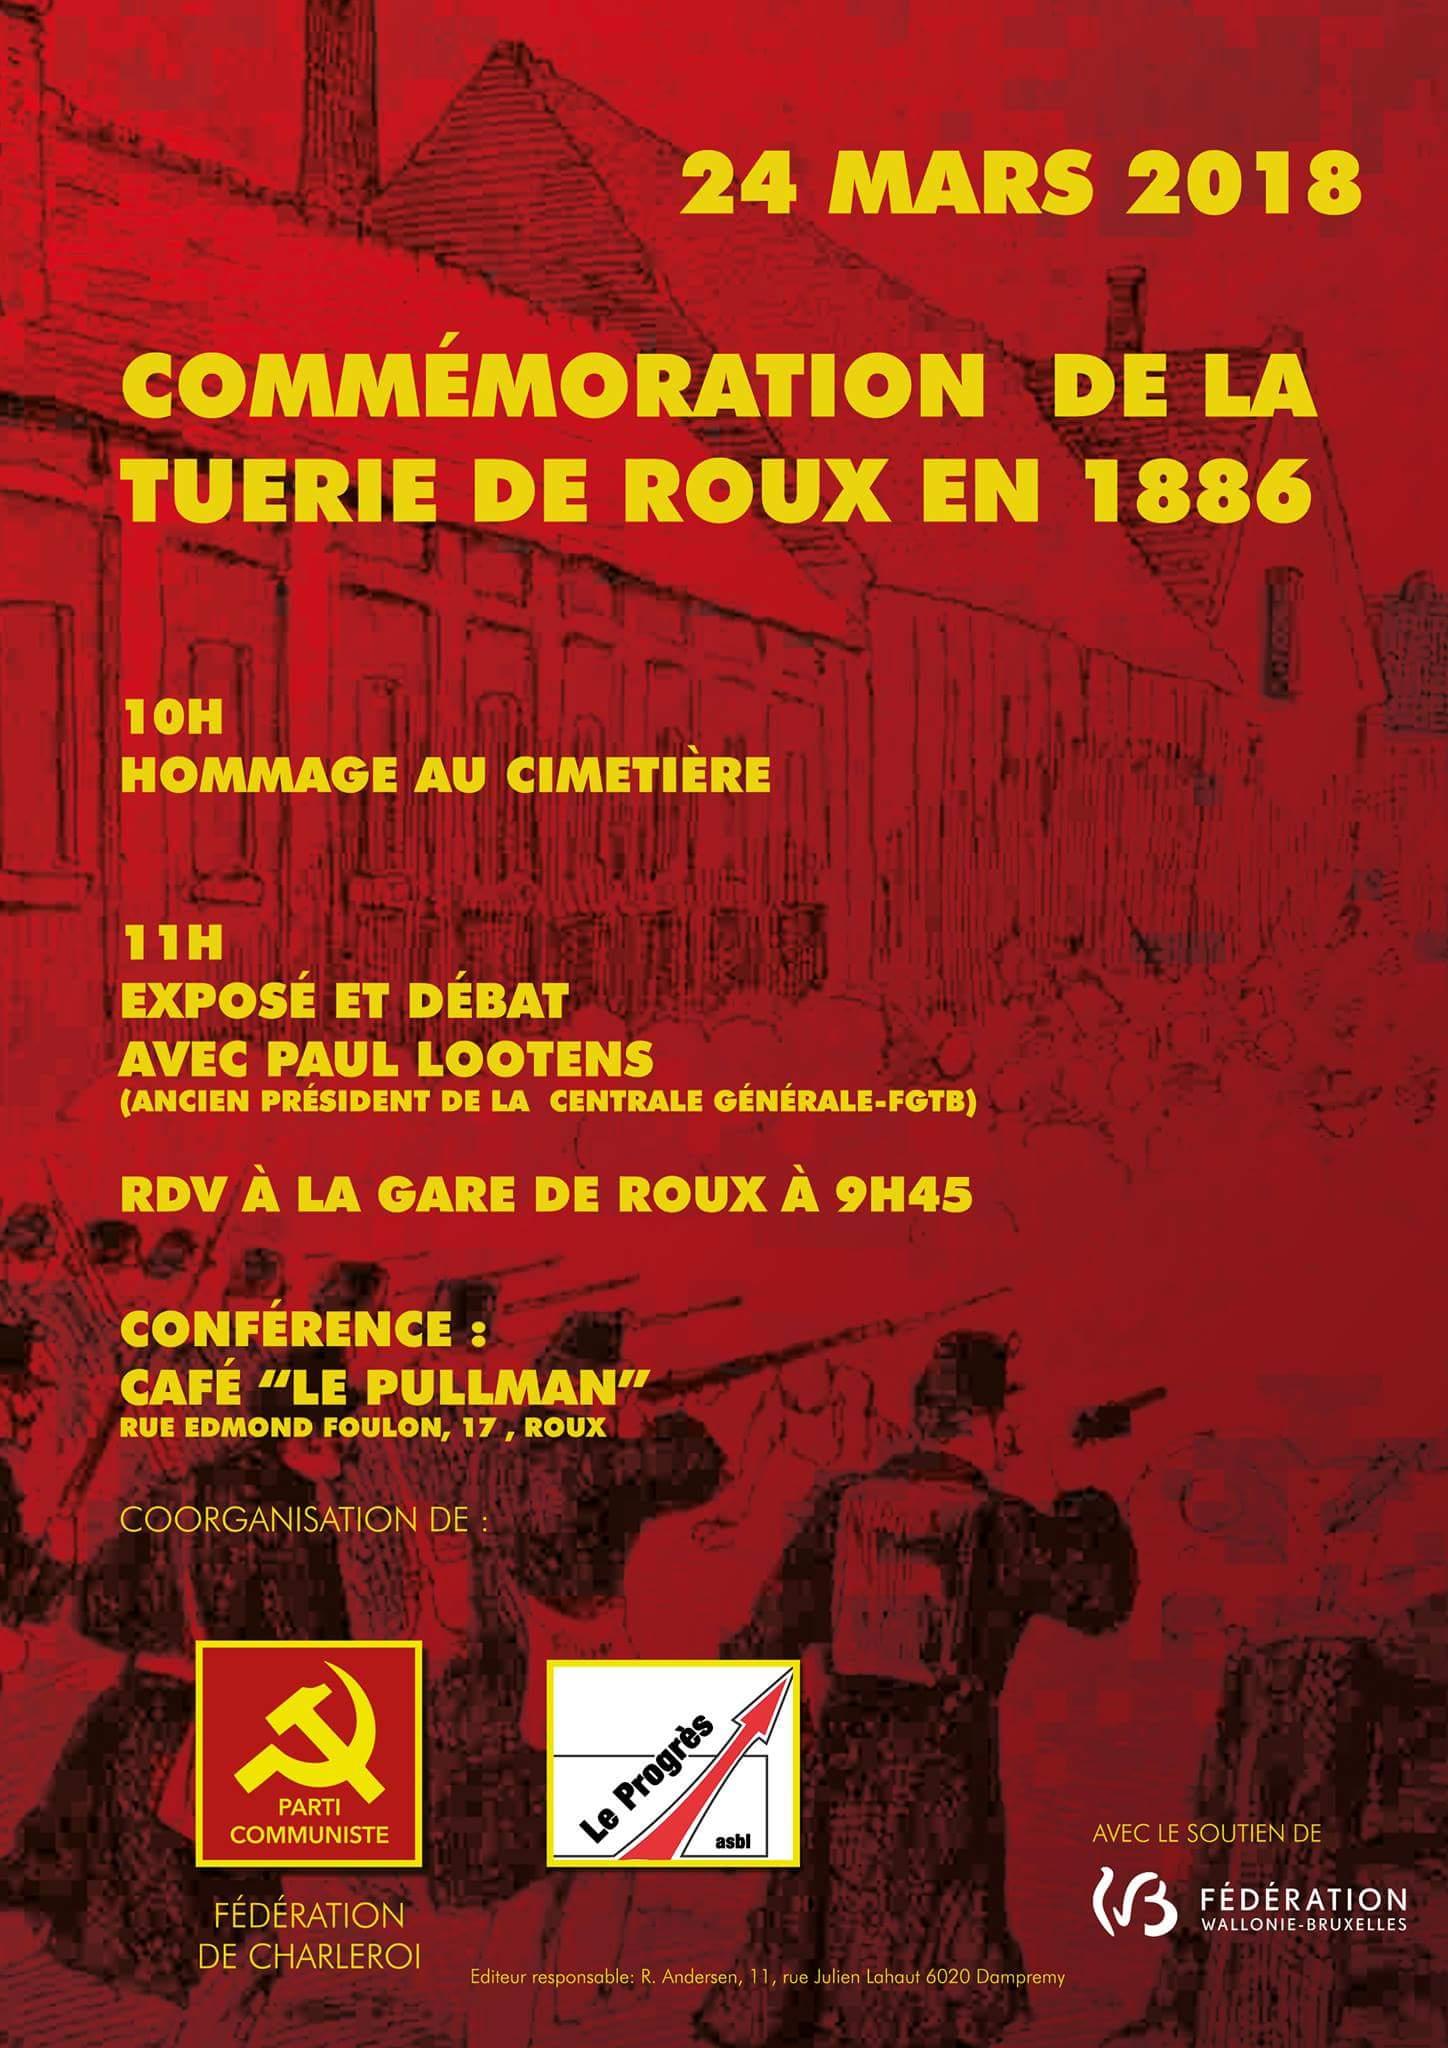 Commémoration du Massacre de Roux